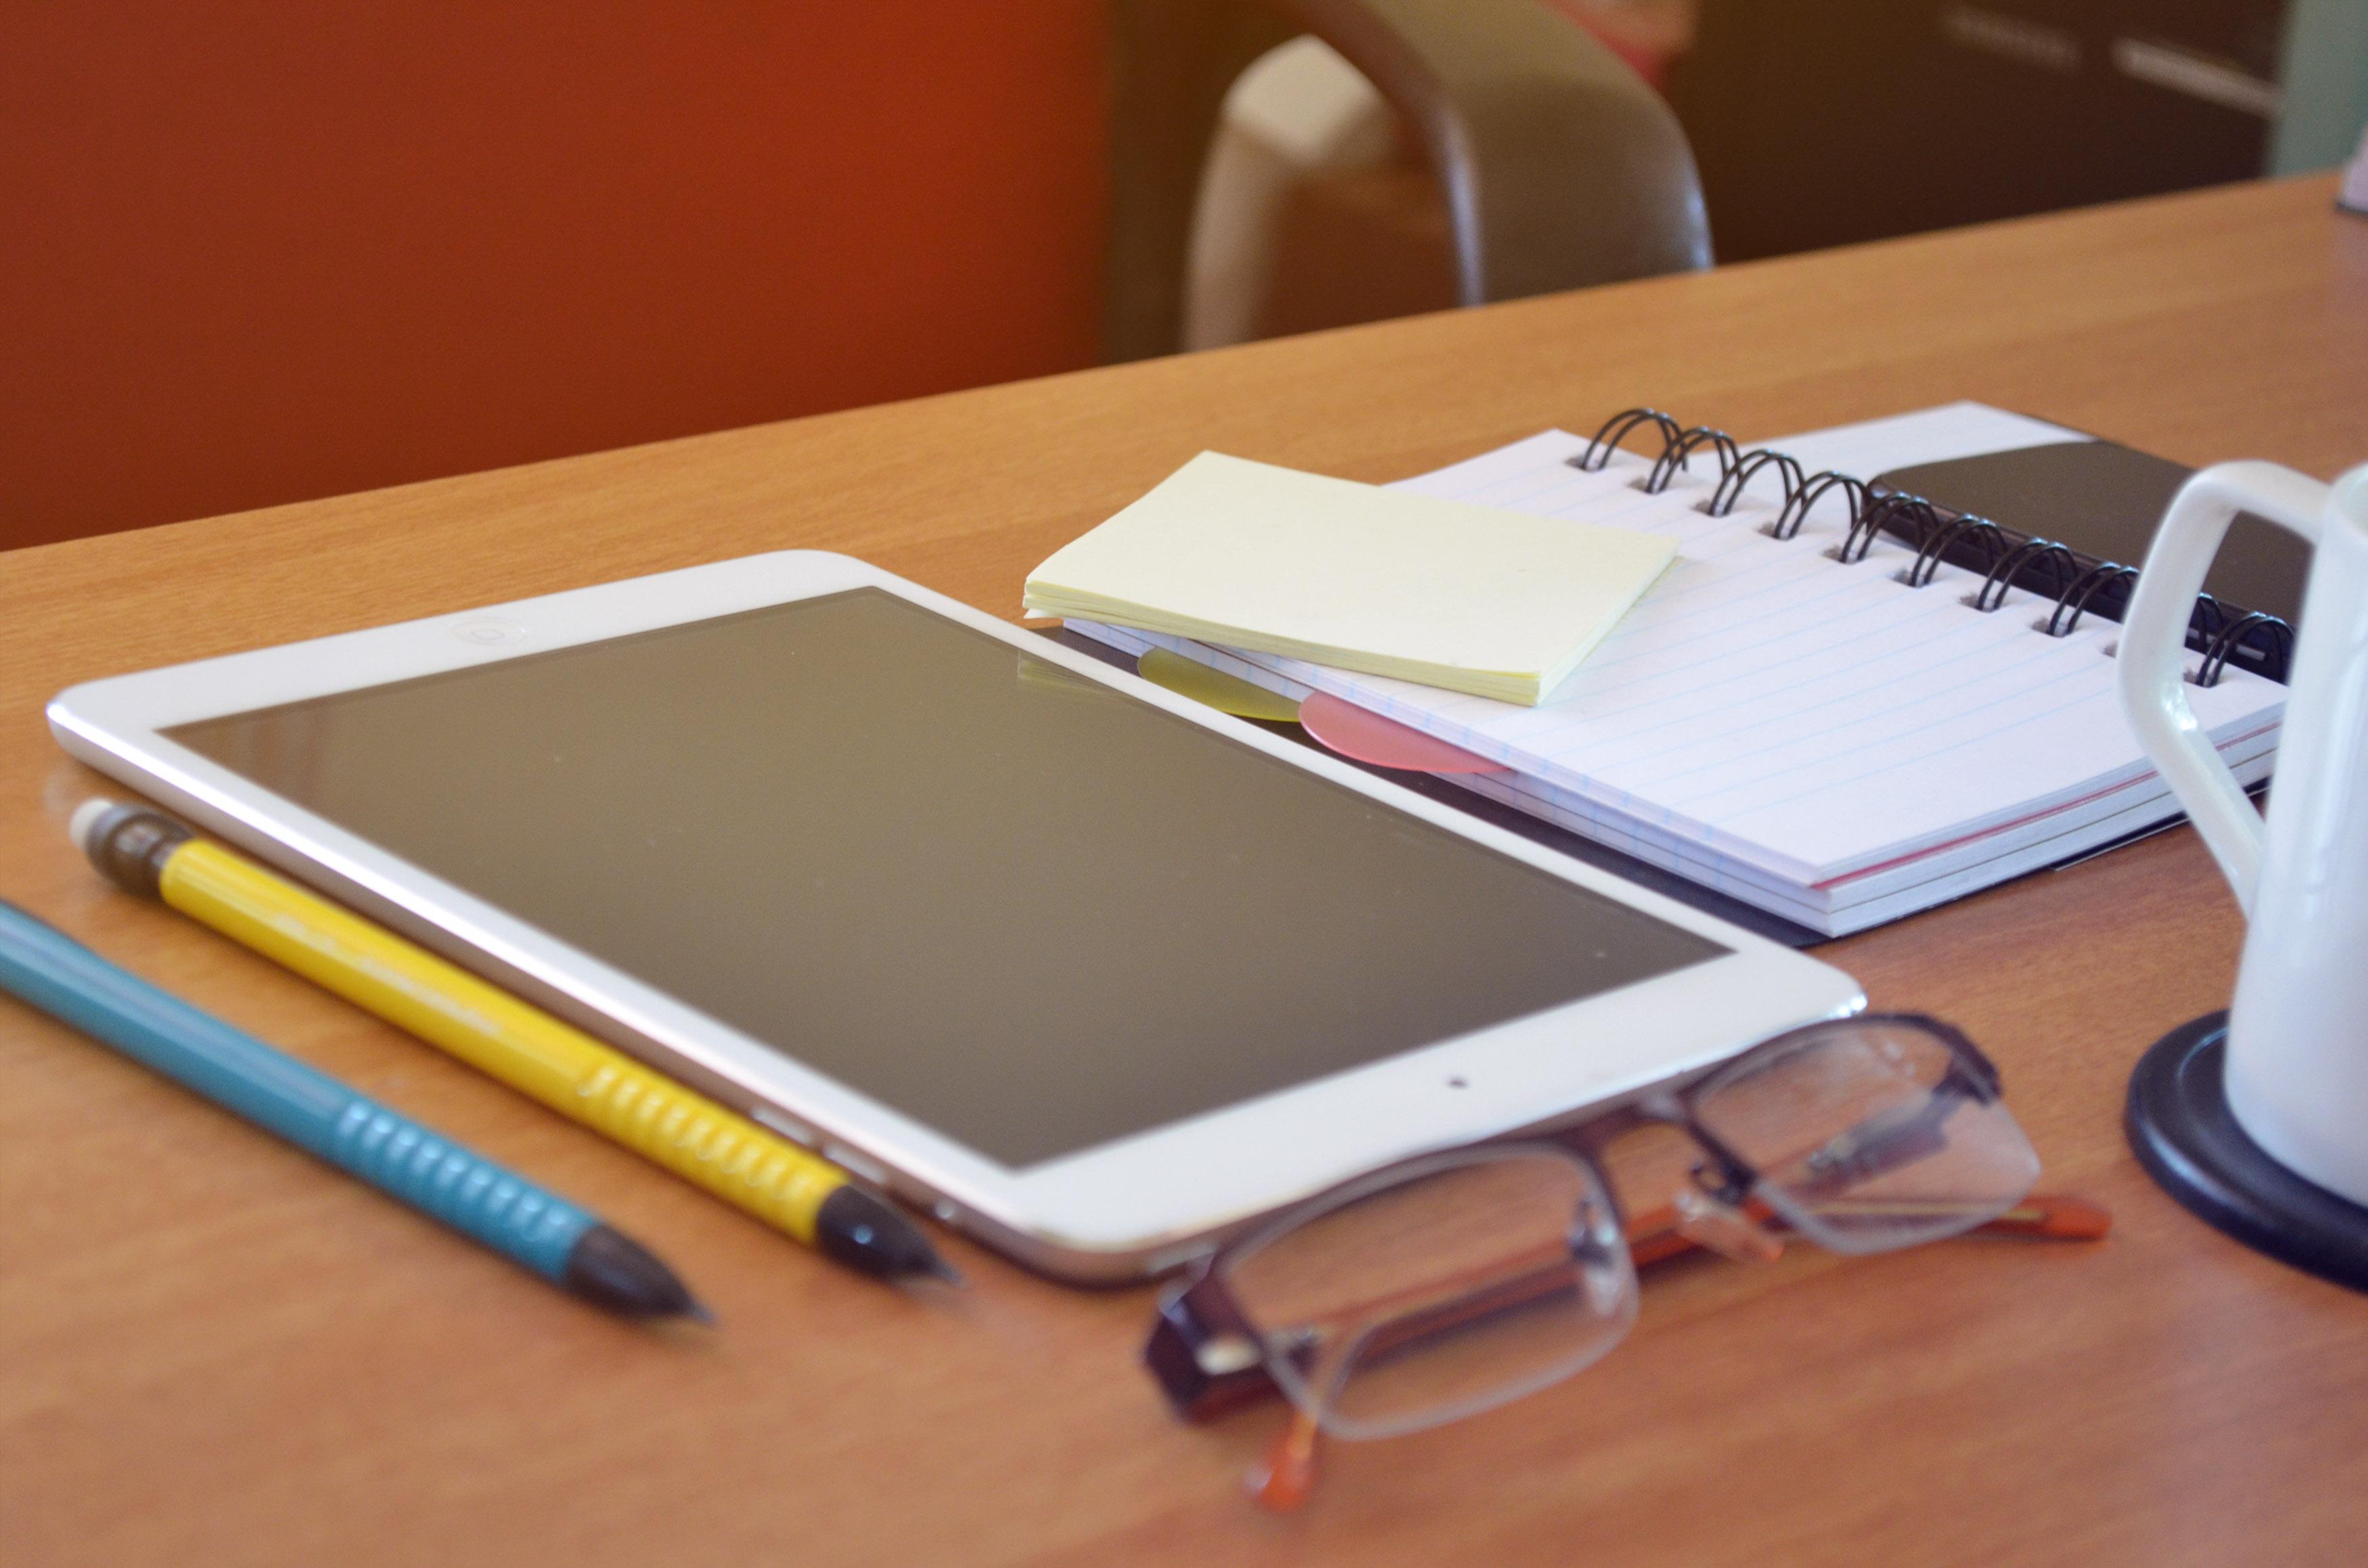 【プログラミング入門ガイド】高校生のうちに身に付けよう!高校生におすすめのプログラミング言語、勉強方法